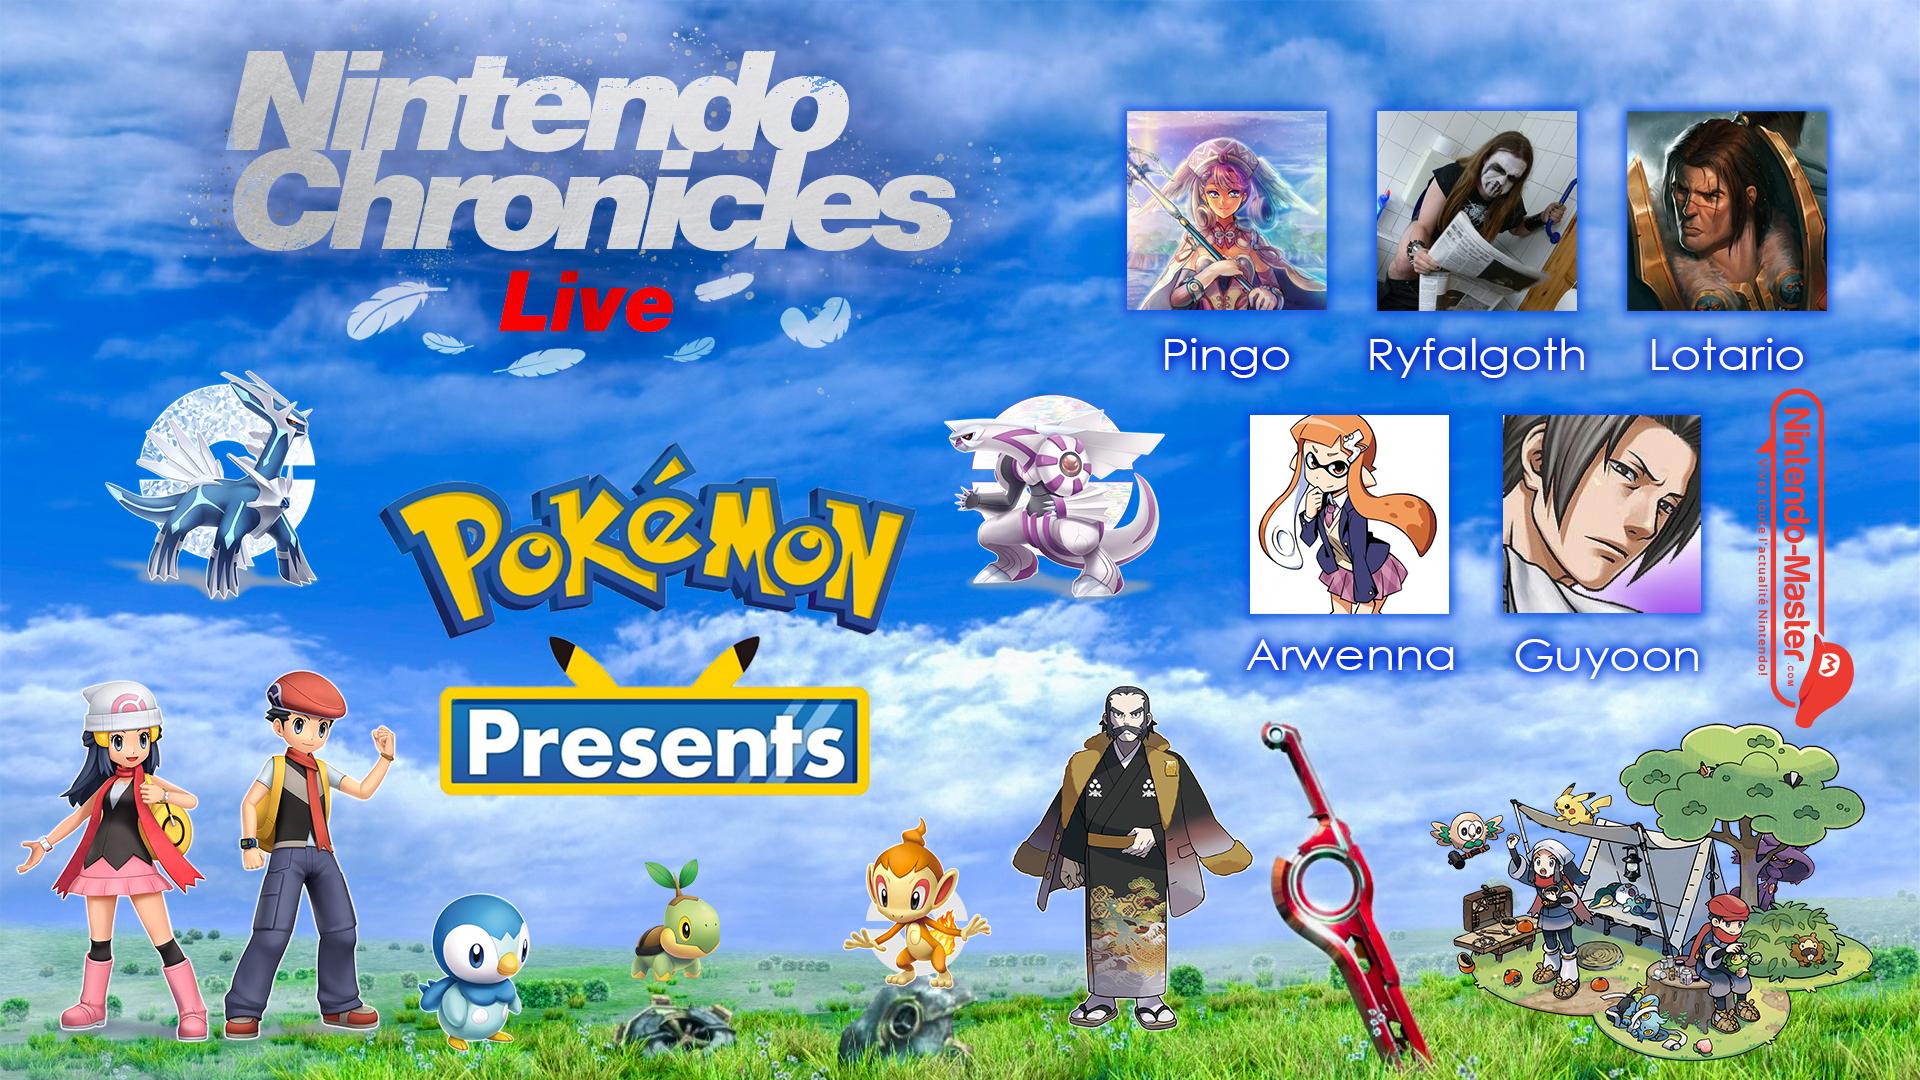 Nintendo Chronicles Live 1 : Le Pokémon Present Diamant/Perle et Arceus